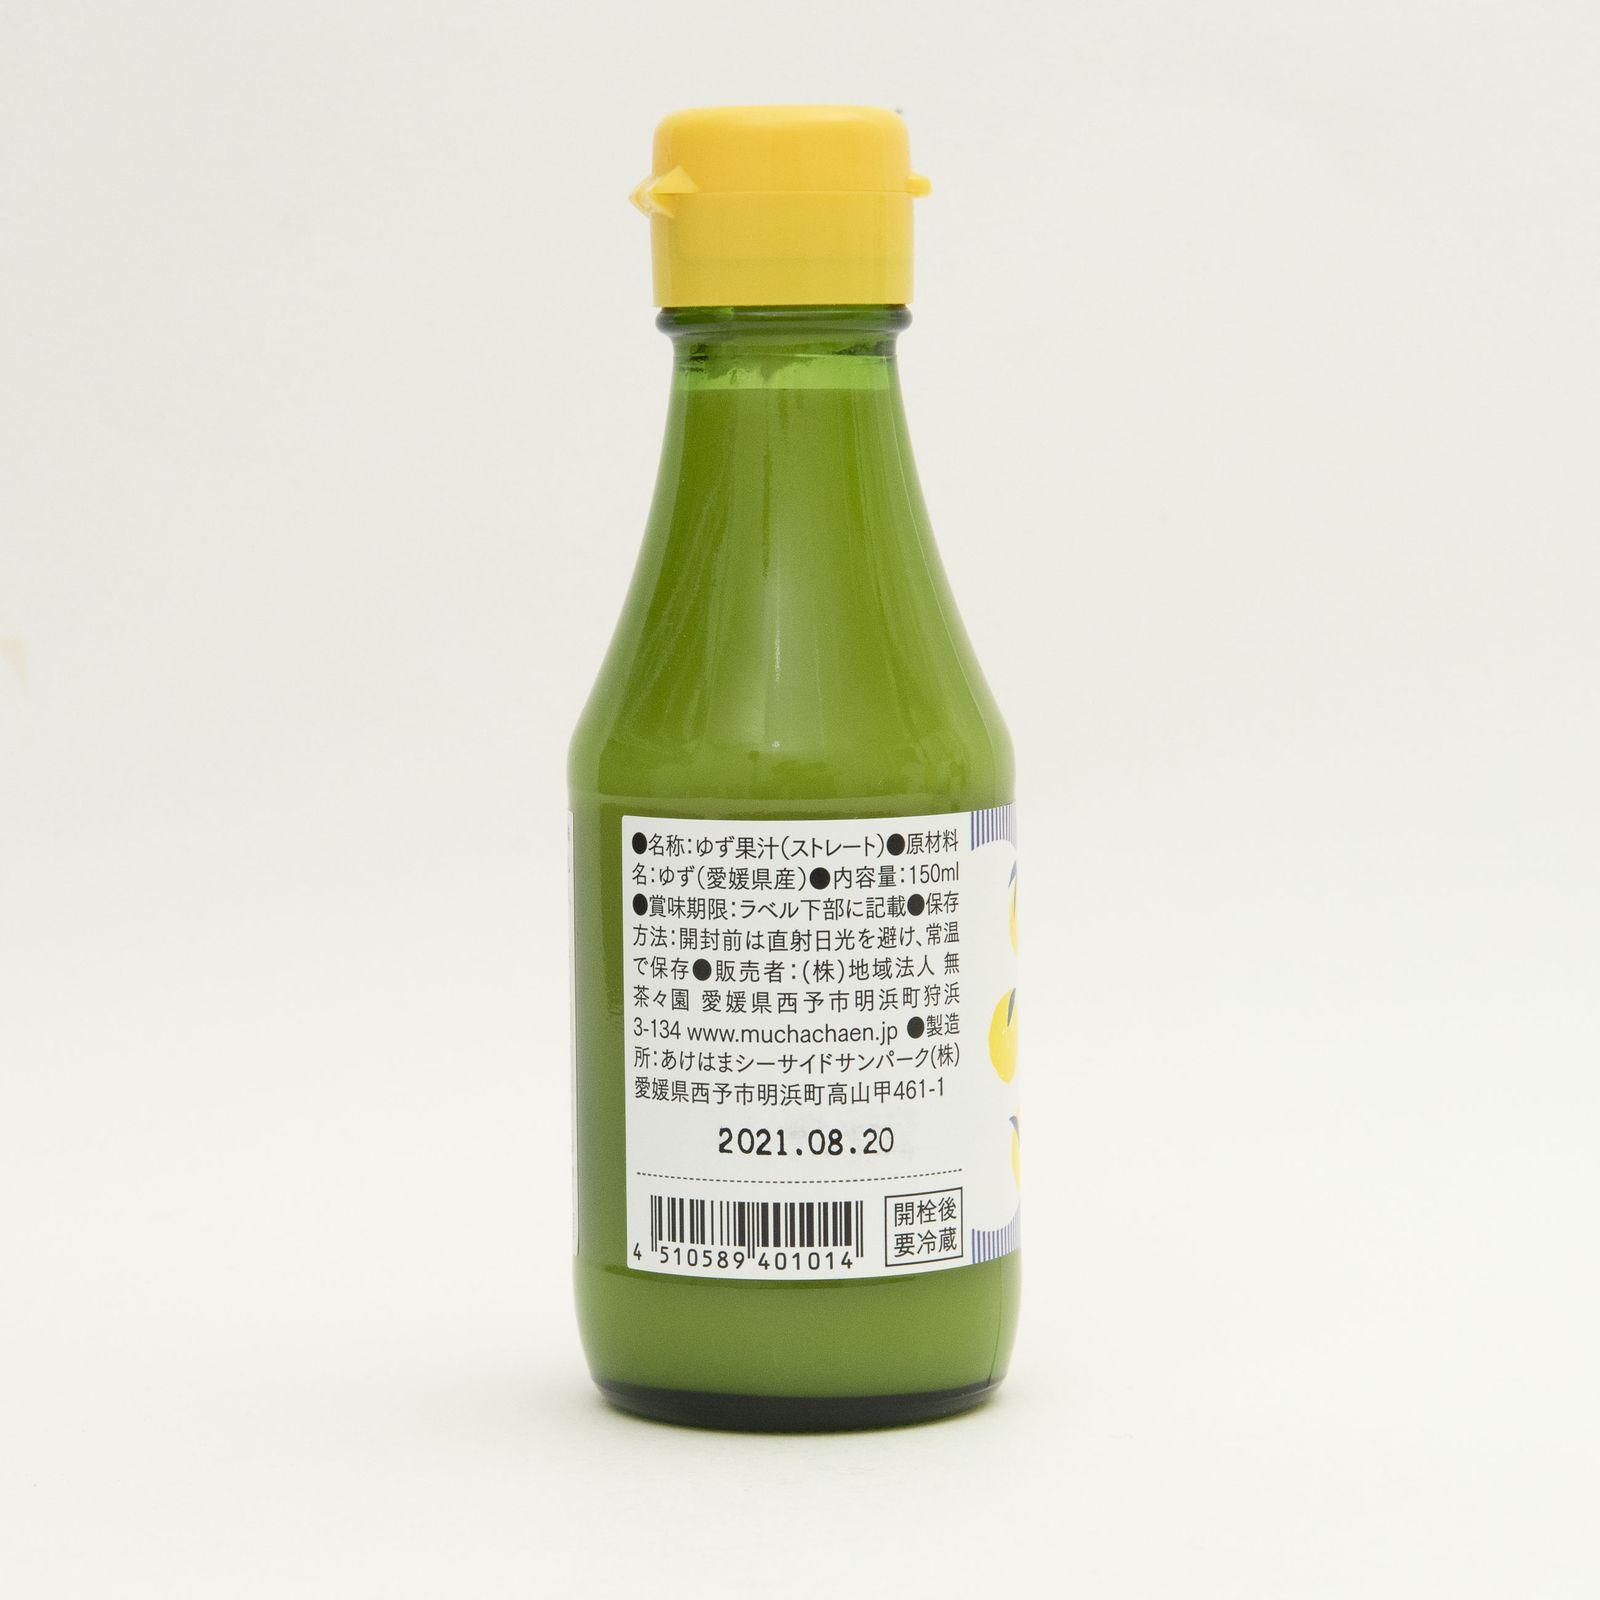 果汁 ゆずストレート果汁